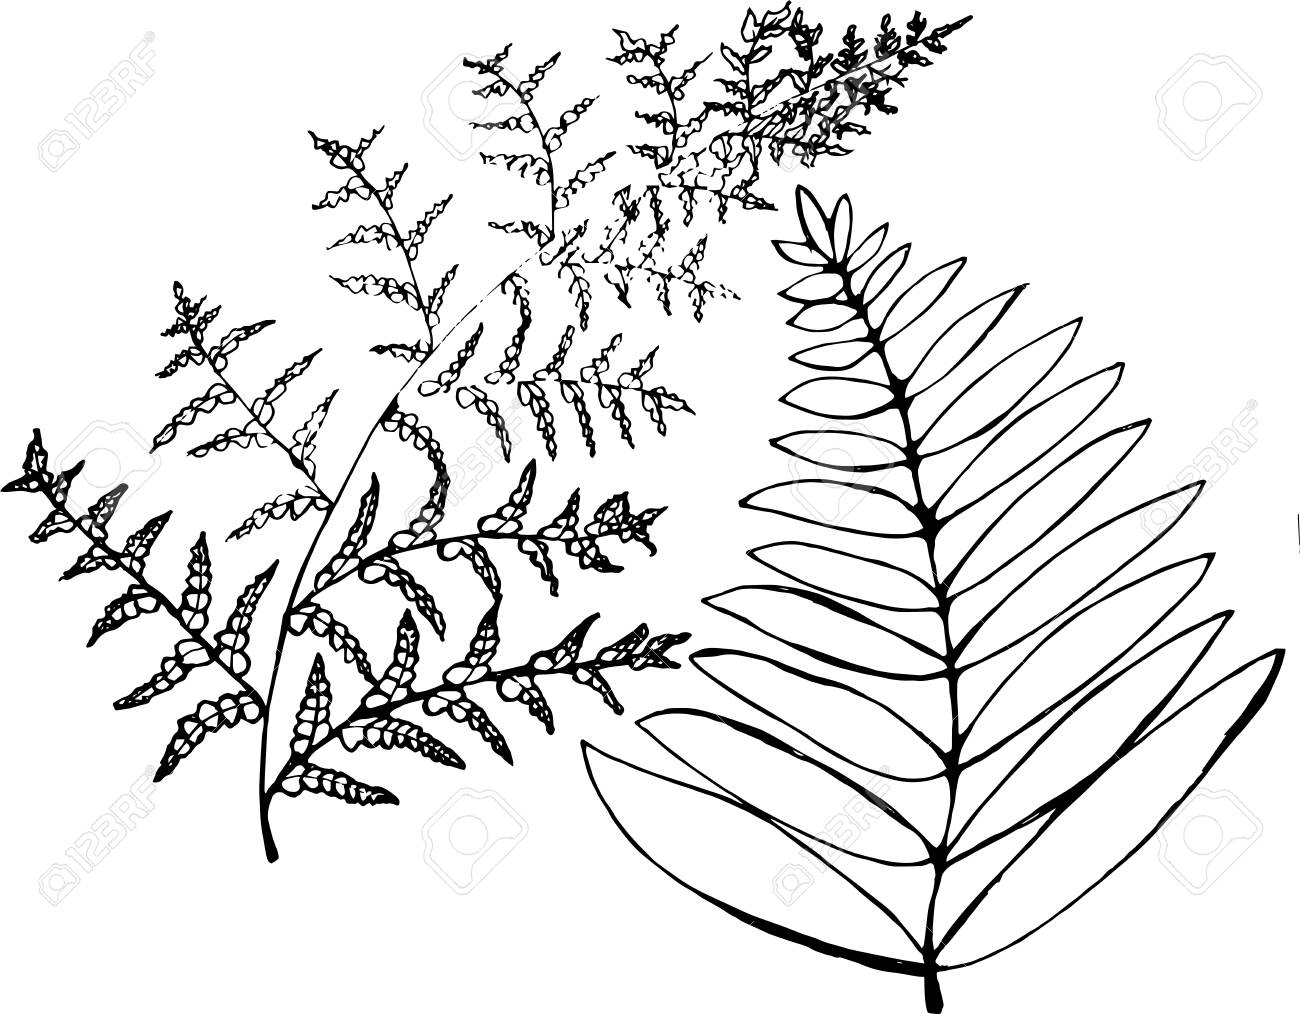 Black and white fern illustration.